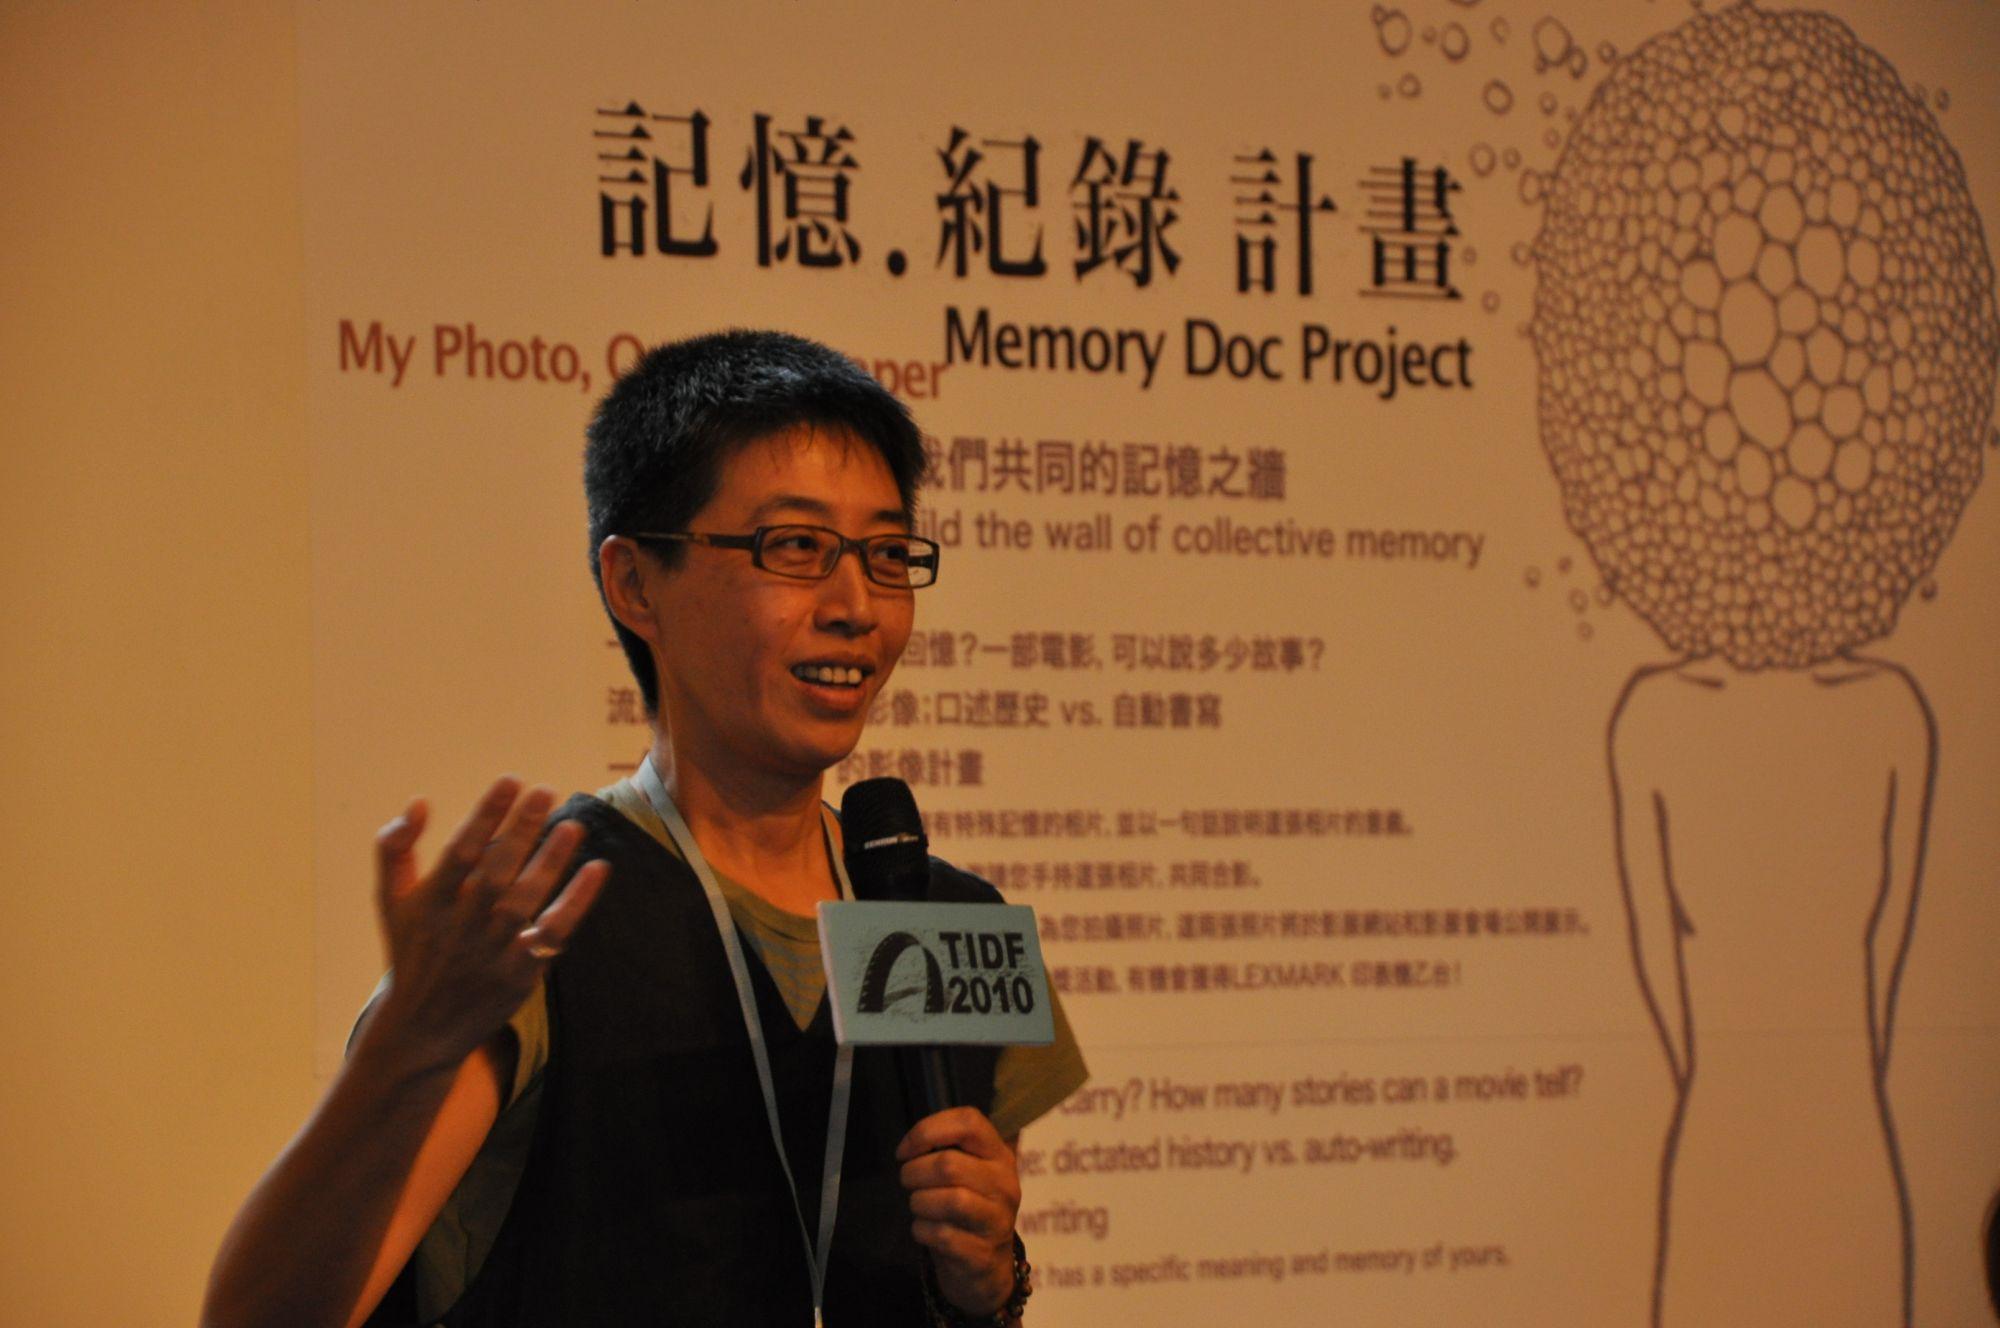 策展人王耿瑜期待用一張張照片建築我們共同的記憶之牆.jpg